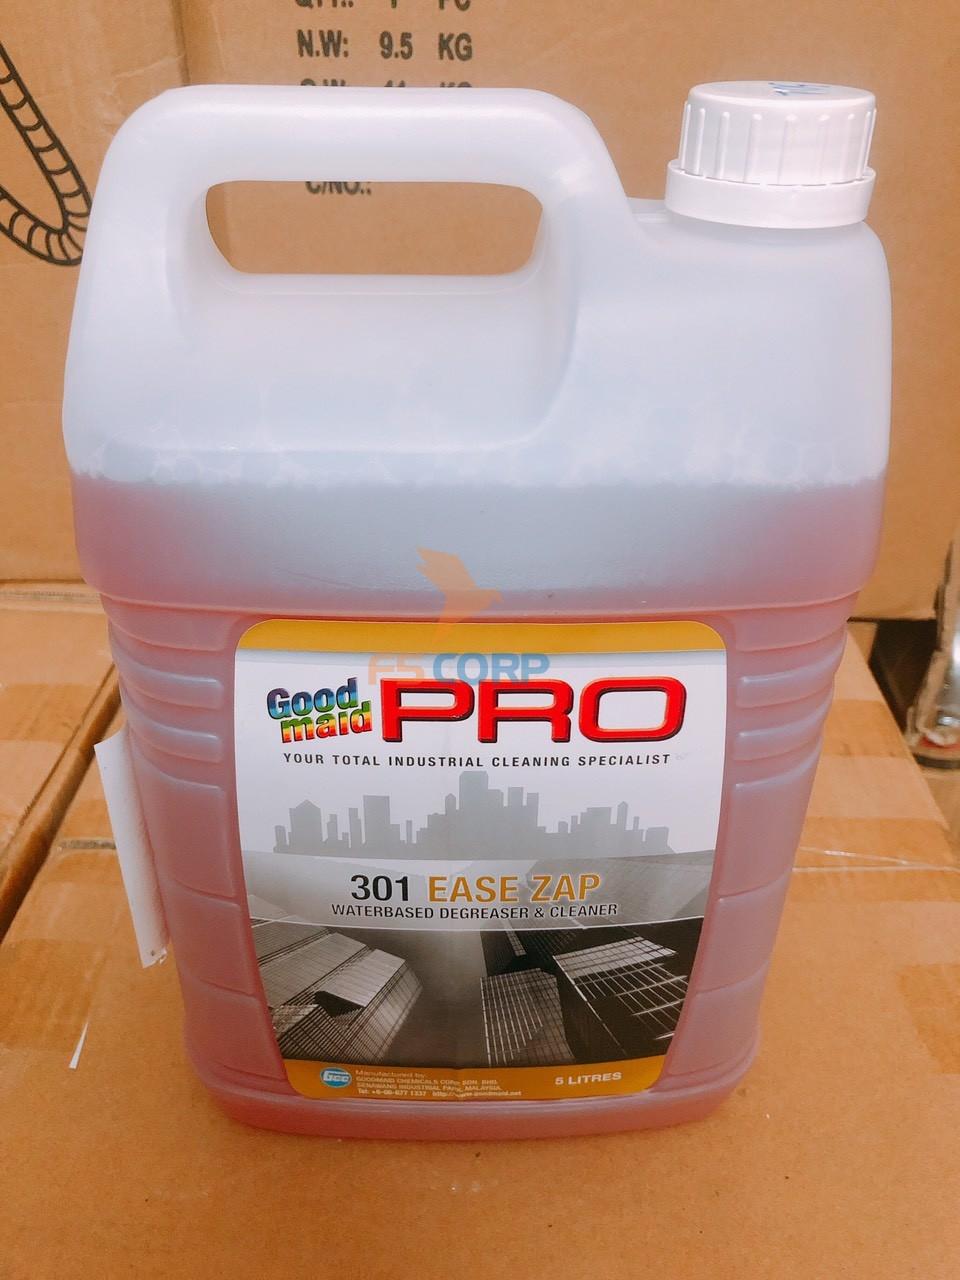 Dung dịch tẩy rửa dầu mỡ cơ khí, làm sạch giàn lạnh Goodmaid G301 - Can 5 Lít Nhập Malaysia